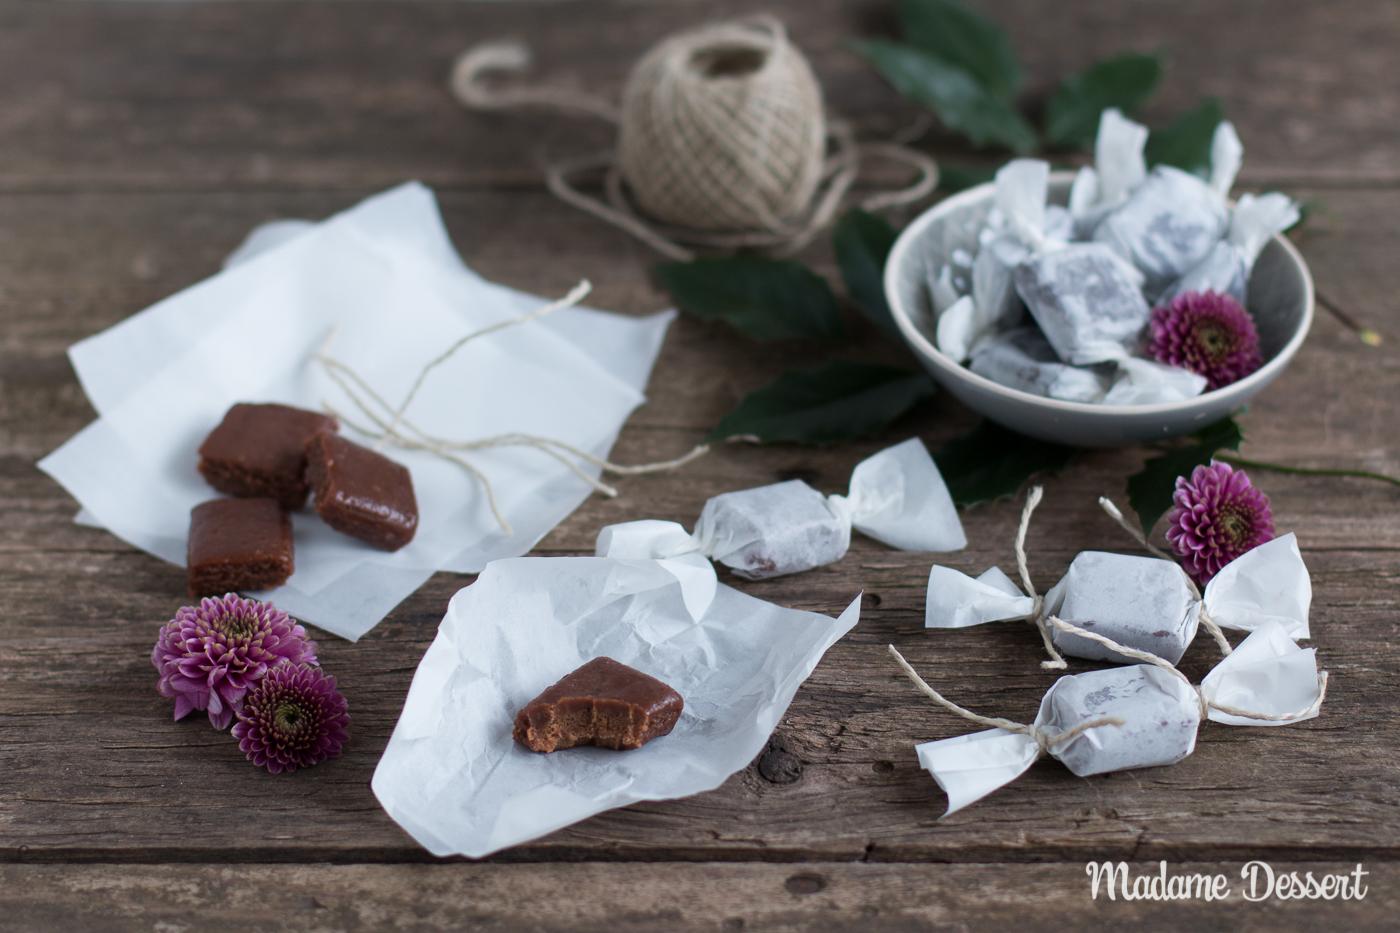 Schokoladen-Karamell-Bonbons mit Fleur de Sel   Madame Dessert